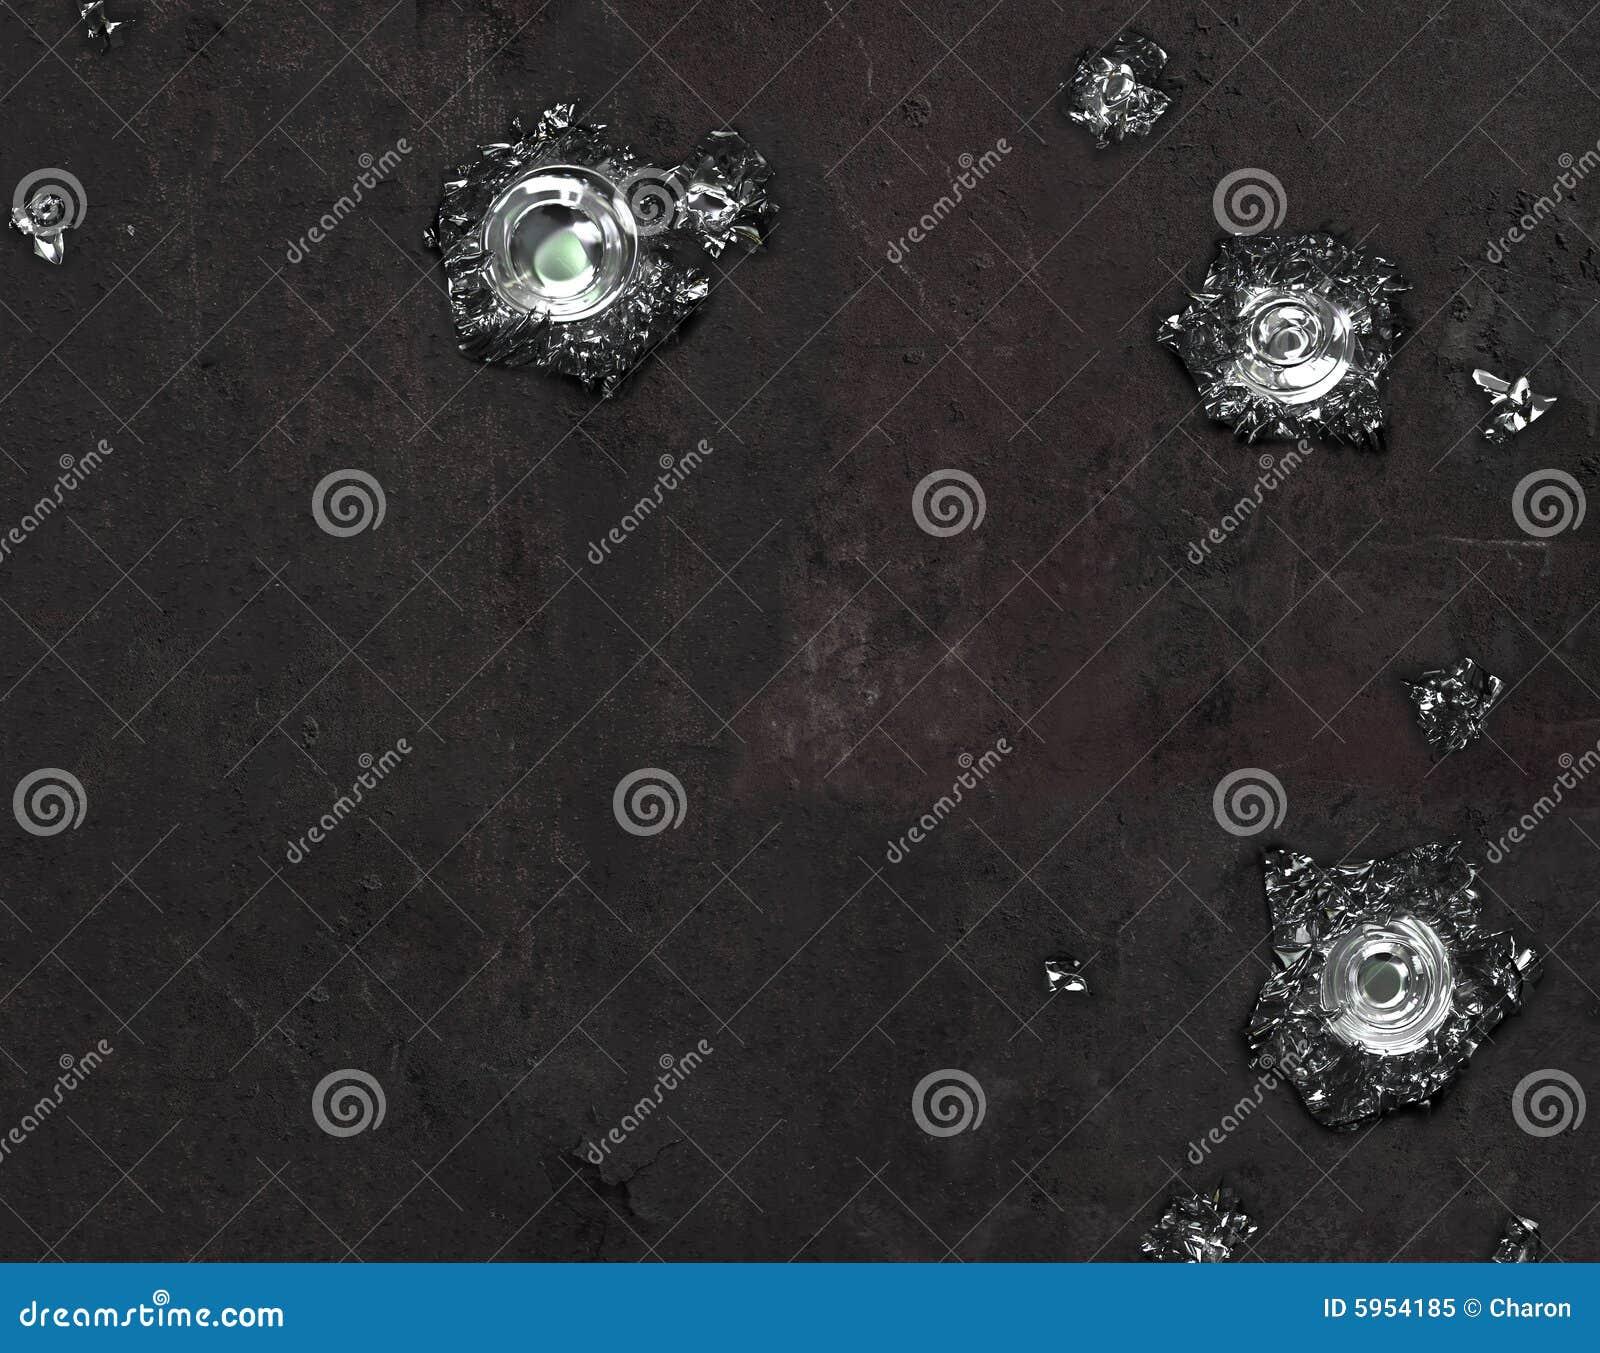 Srebro textured czarne dziury po kulach ściany